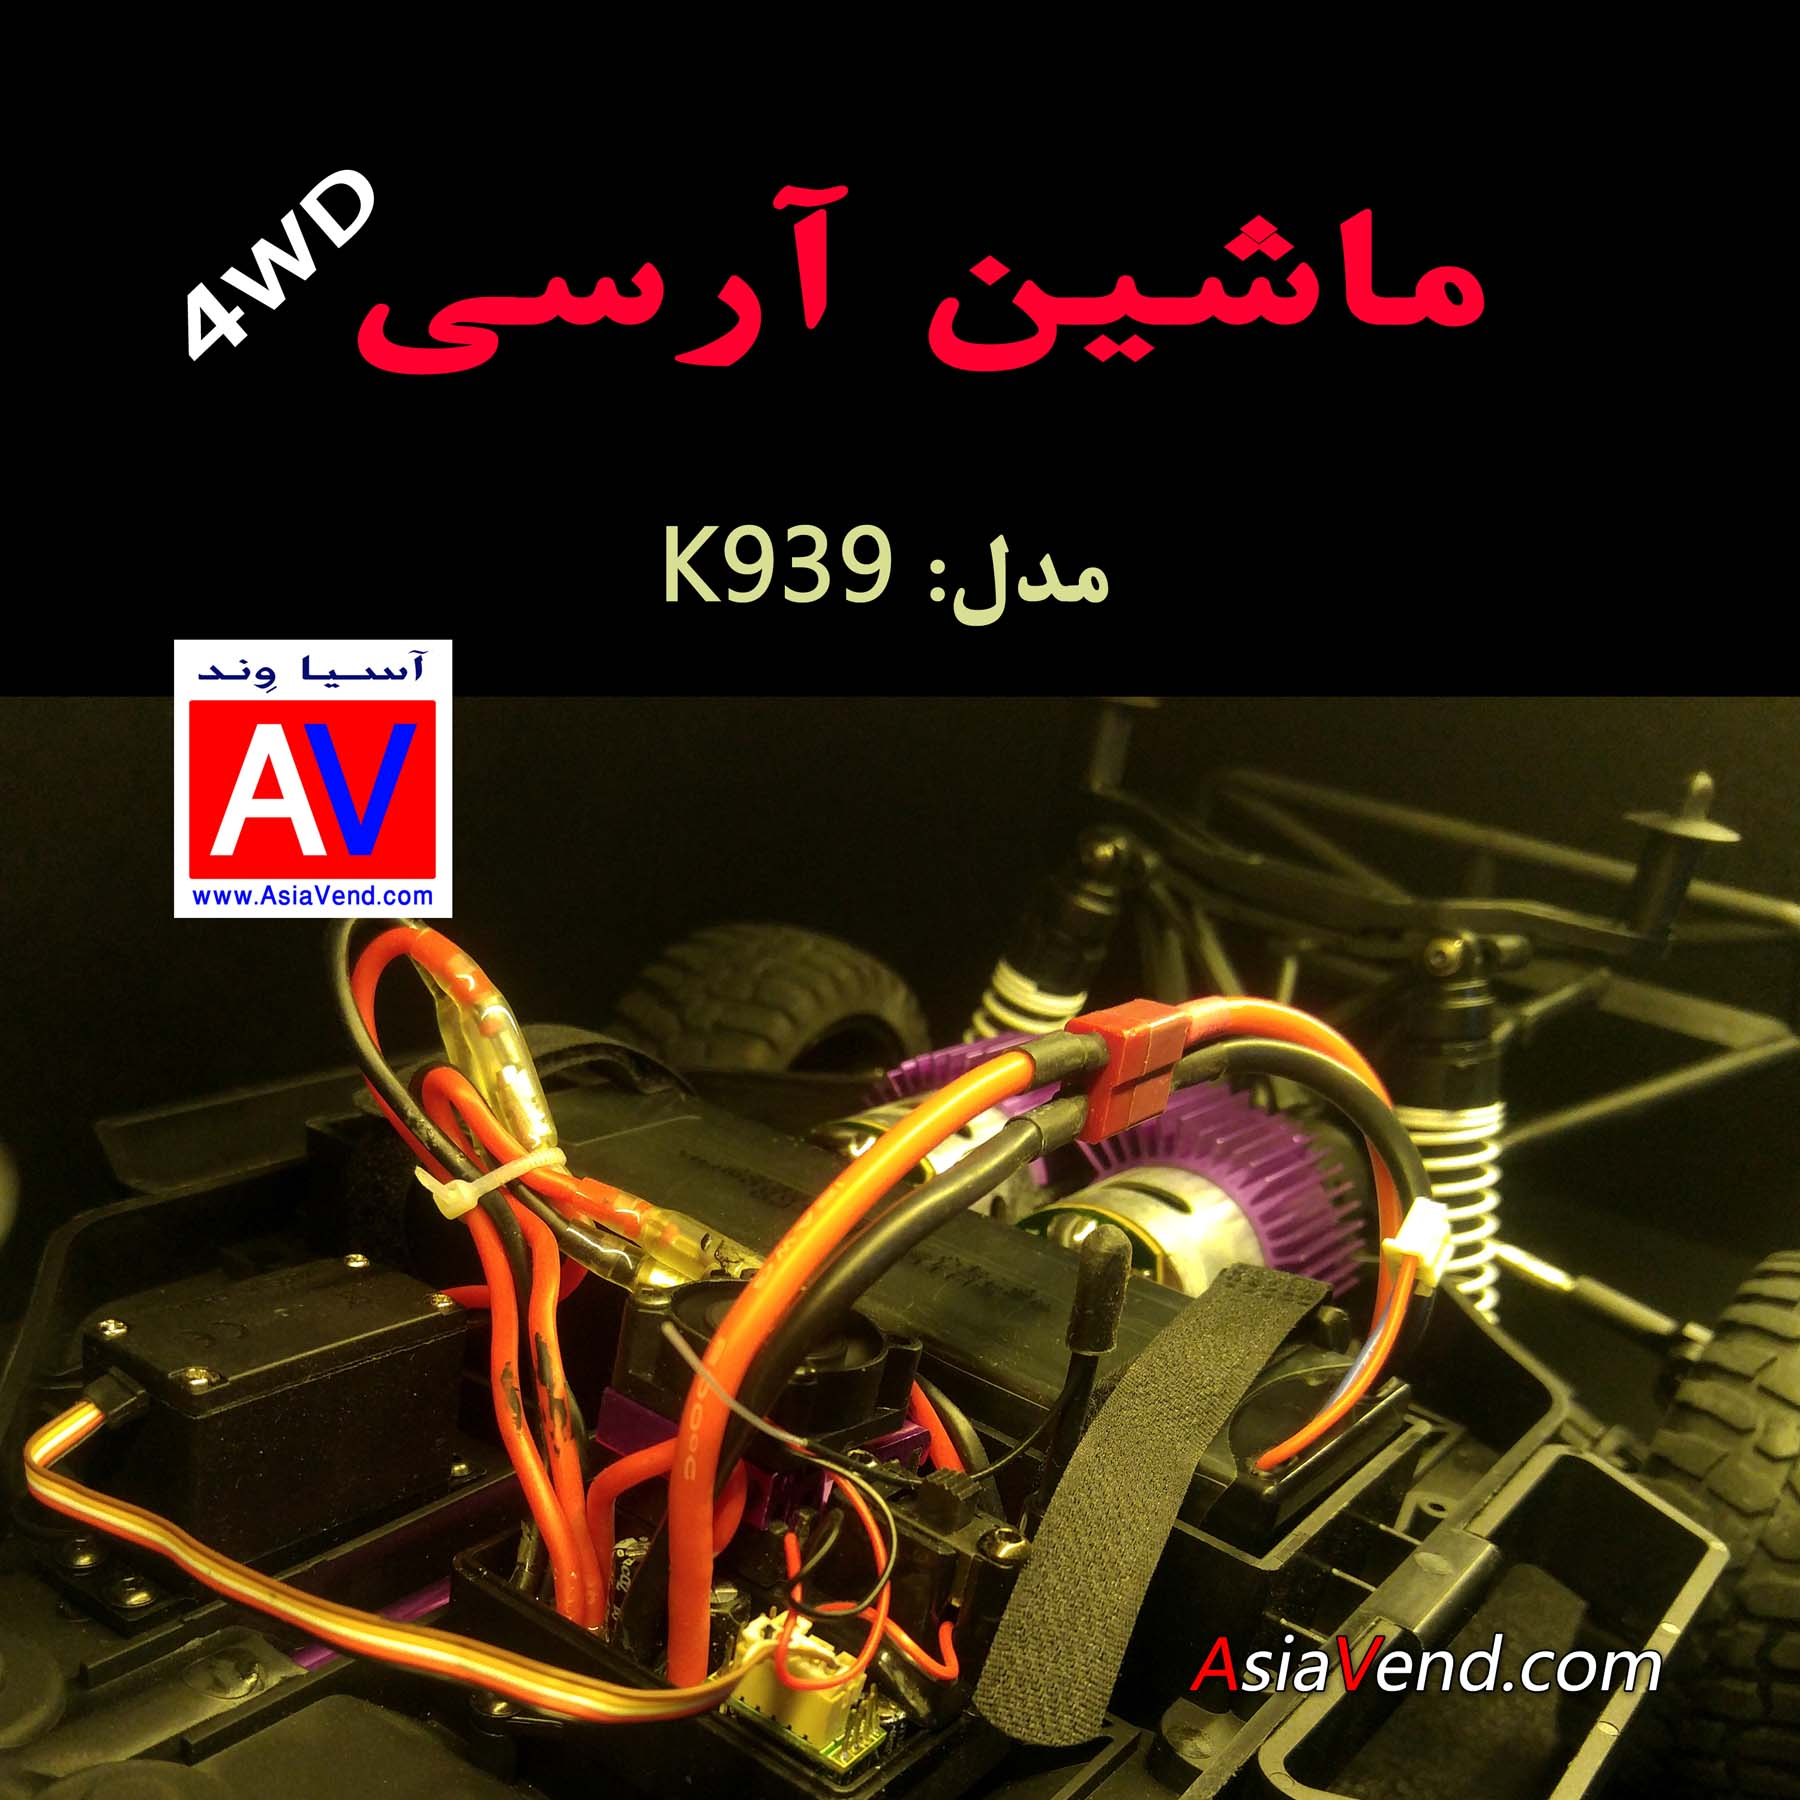 قیمت ماشین آرسی K939 ماشین کنترلی آفرود مدل Wltoys K939